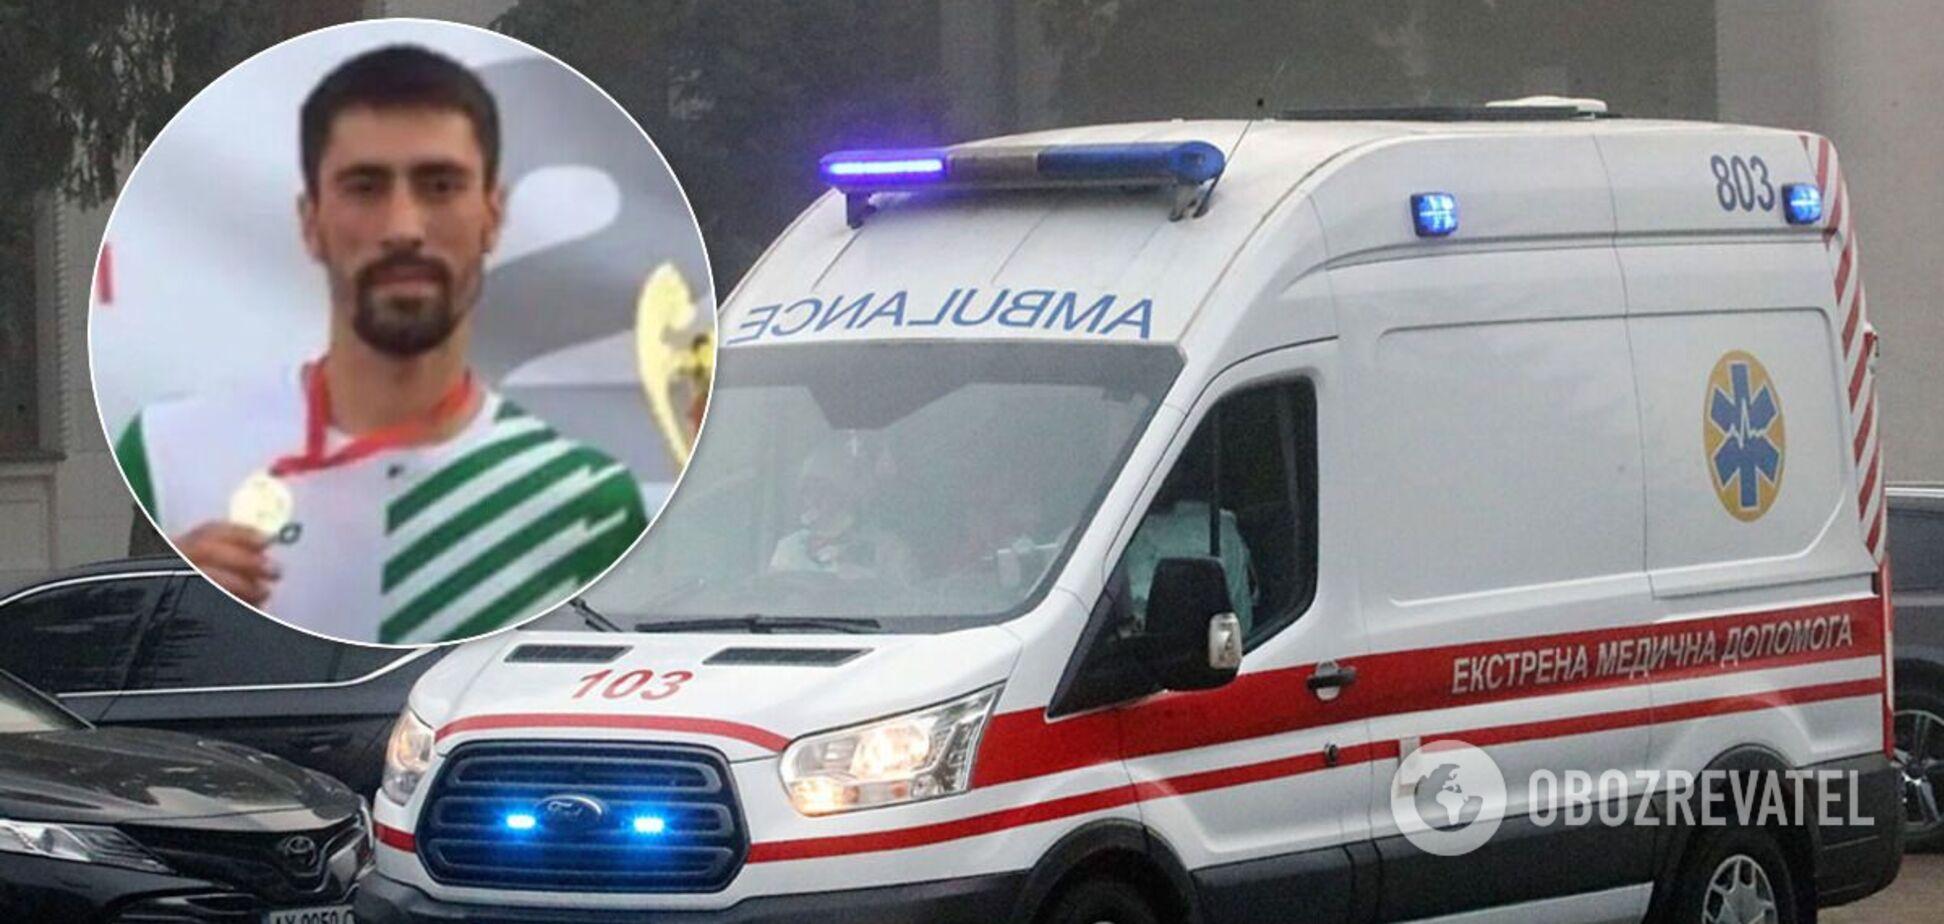 Хлопця, який зістрибнув з мосту у Києві, знайшли мертвим